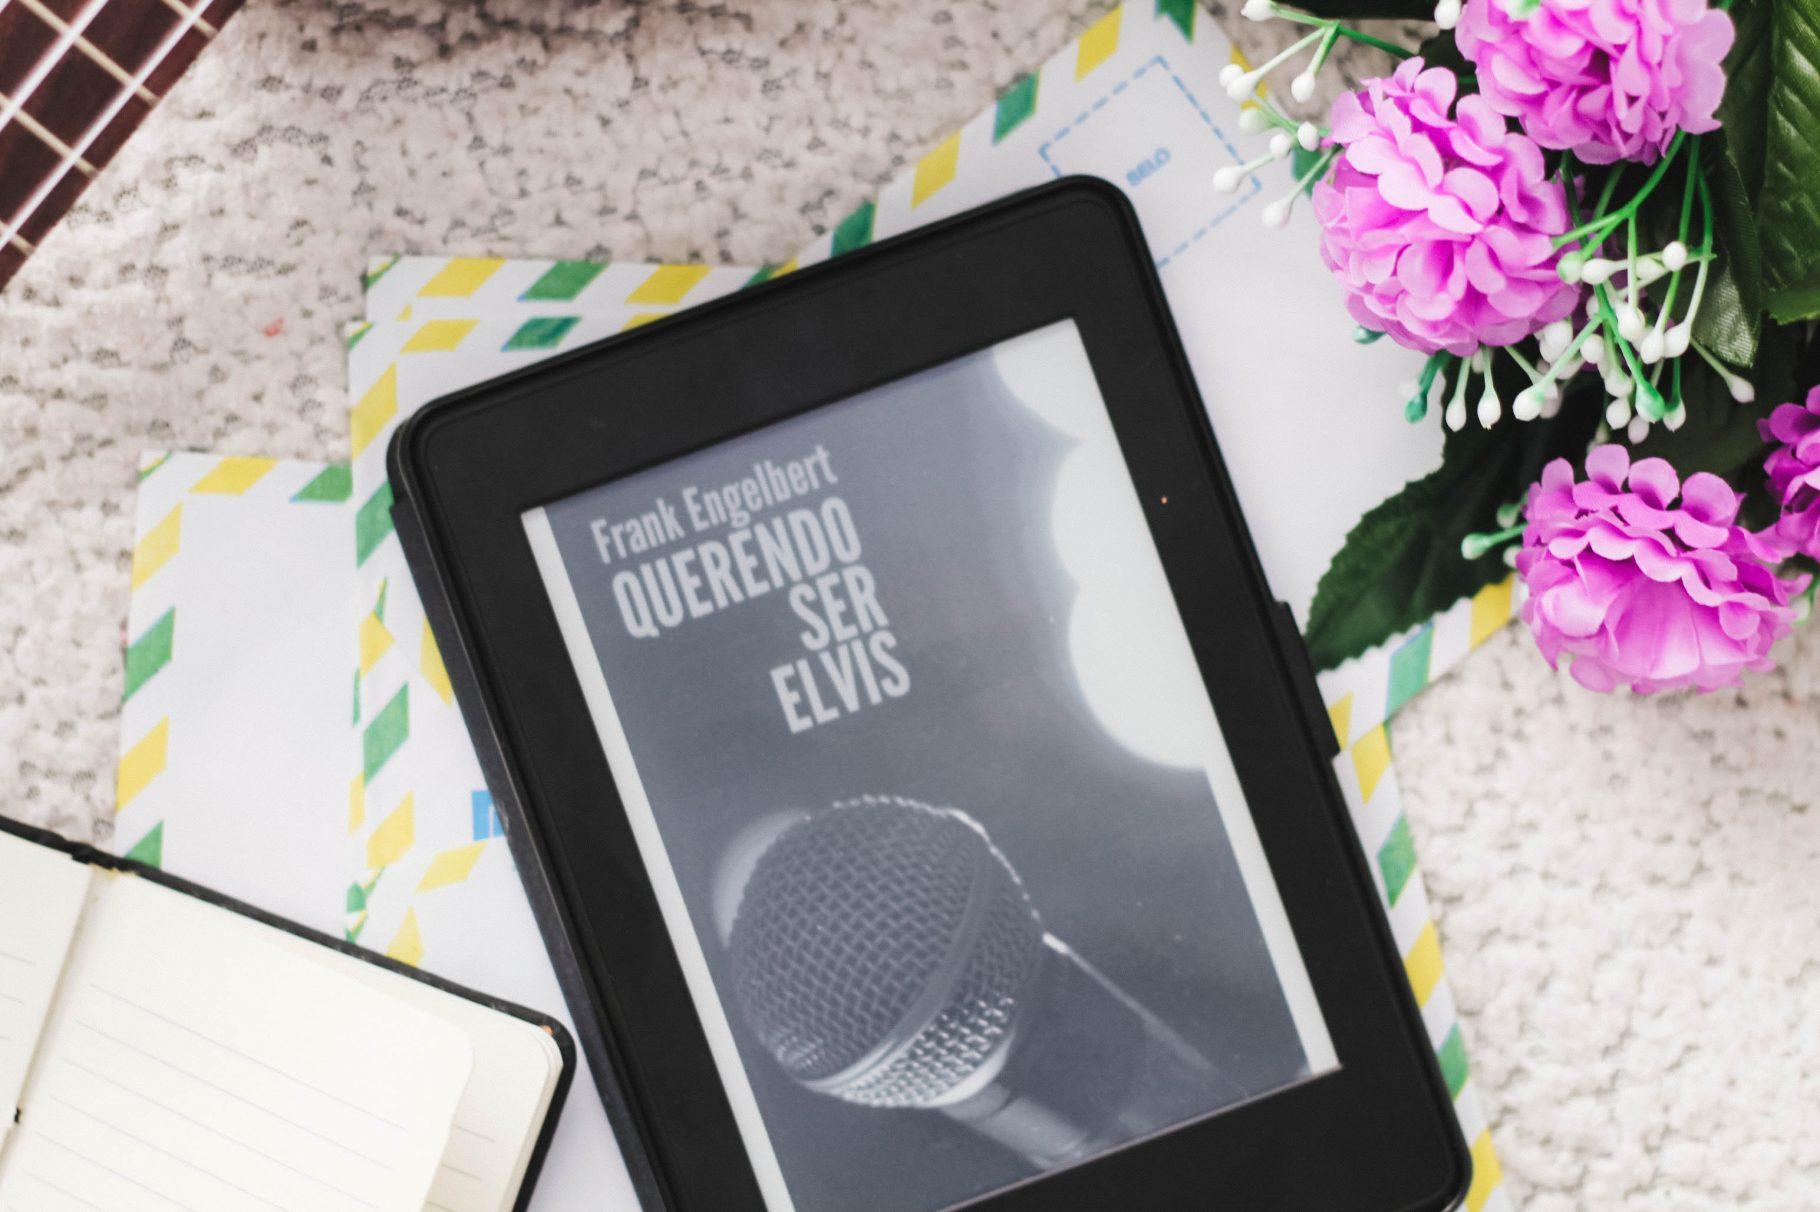 """""""Querendo Ser Elvis"""", de Frank Engelbert e as escolhas da vida"""